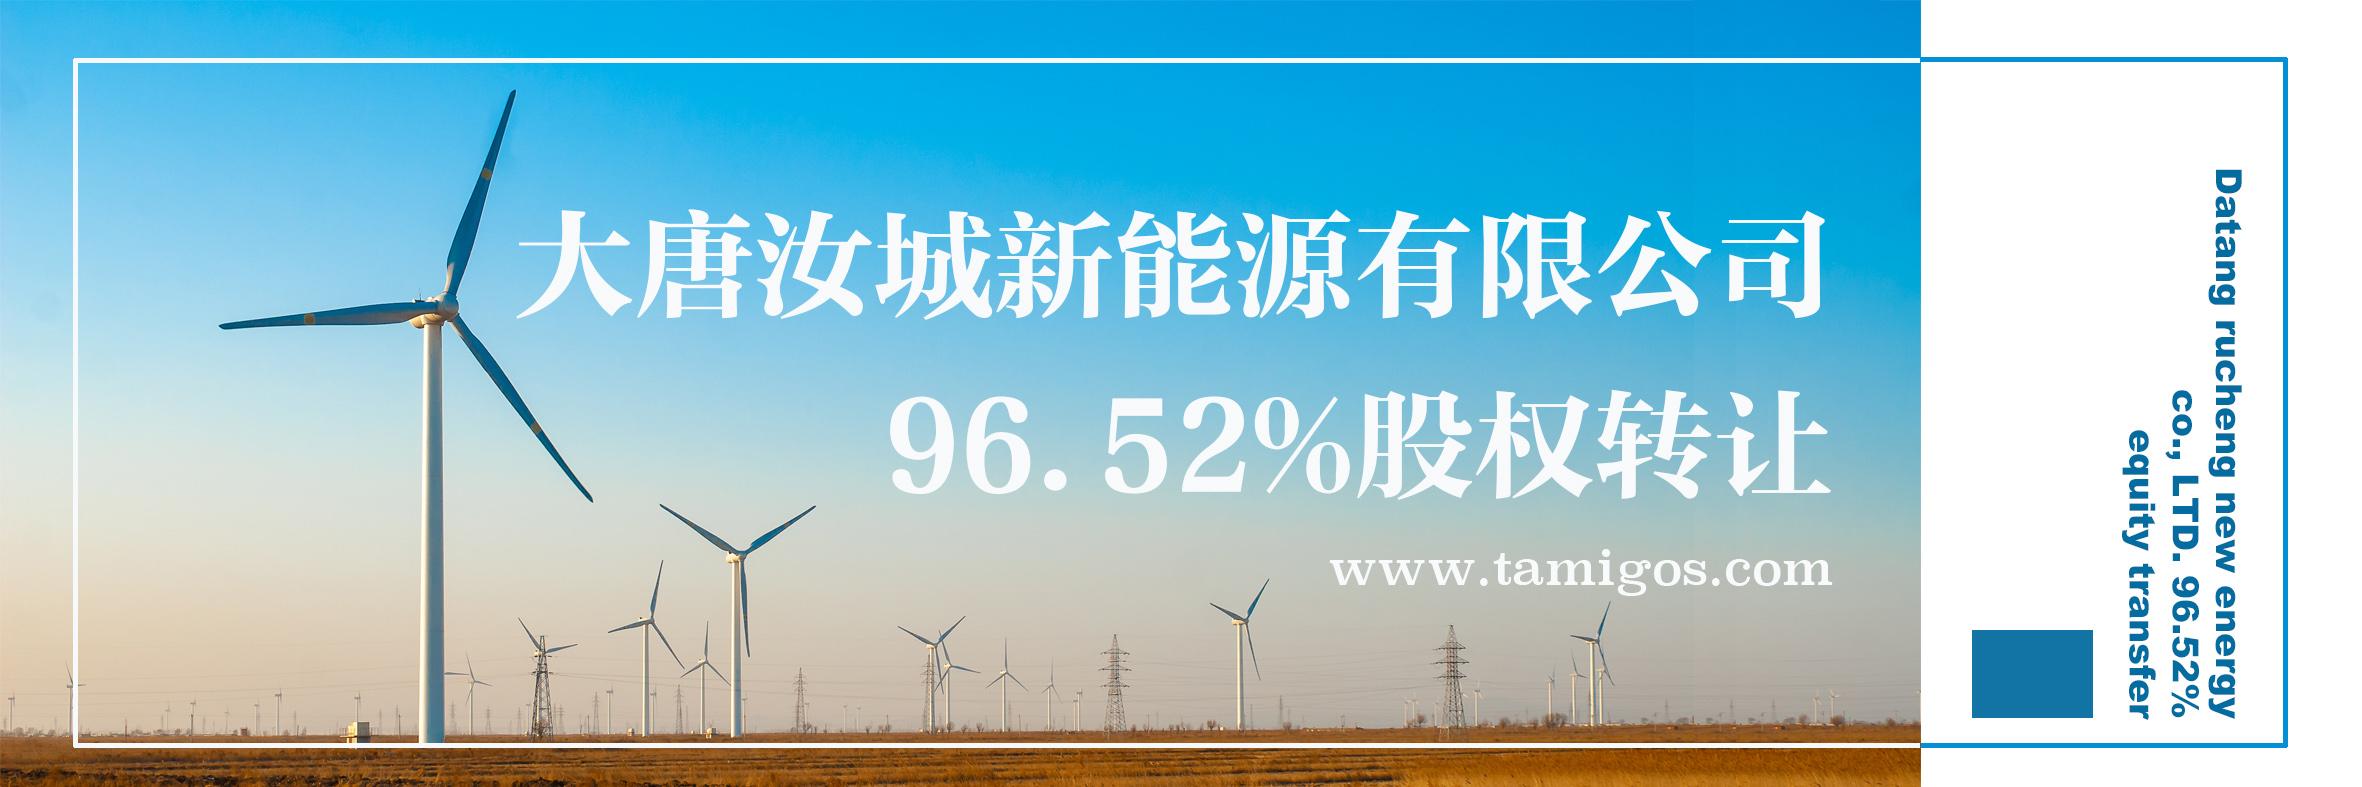 大唐汝城新能源有限公司96.52%股权转让